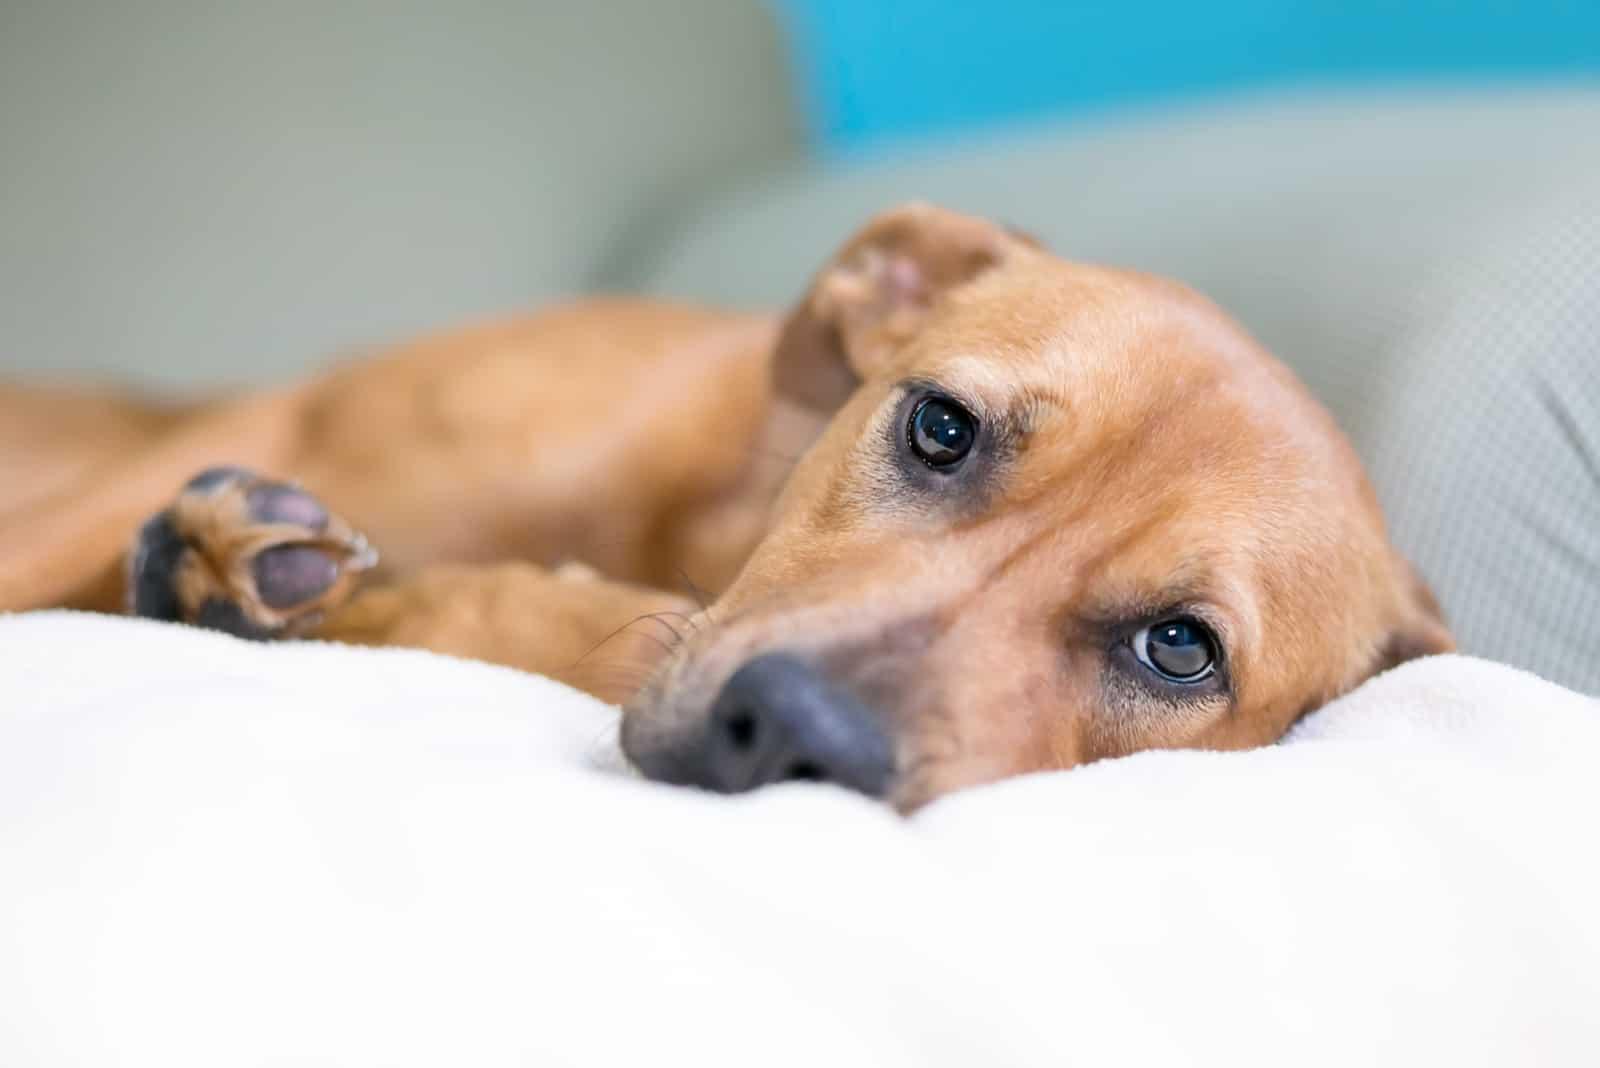 brauner Mischlingshund mit einem traurigen Ausdruck